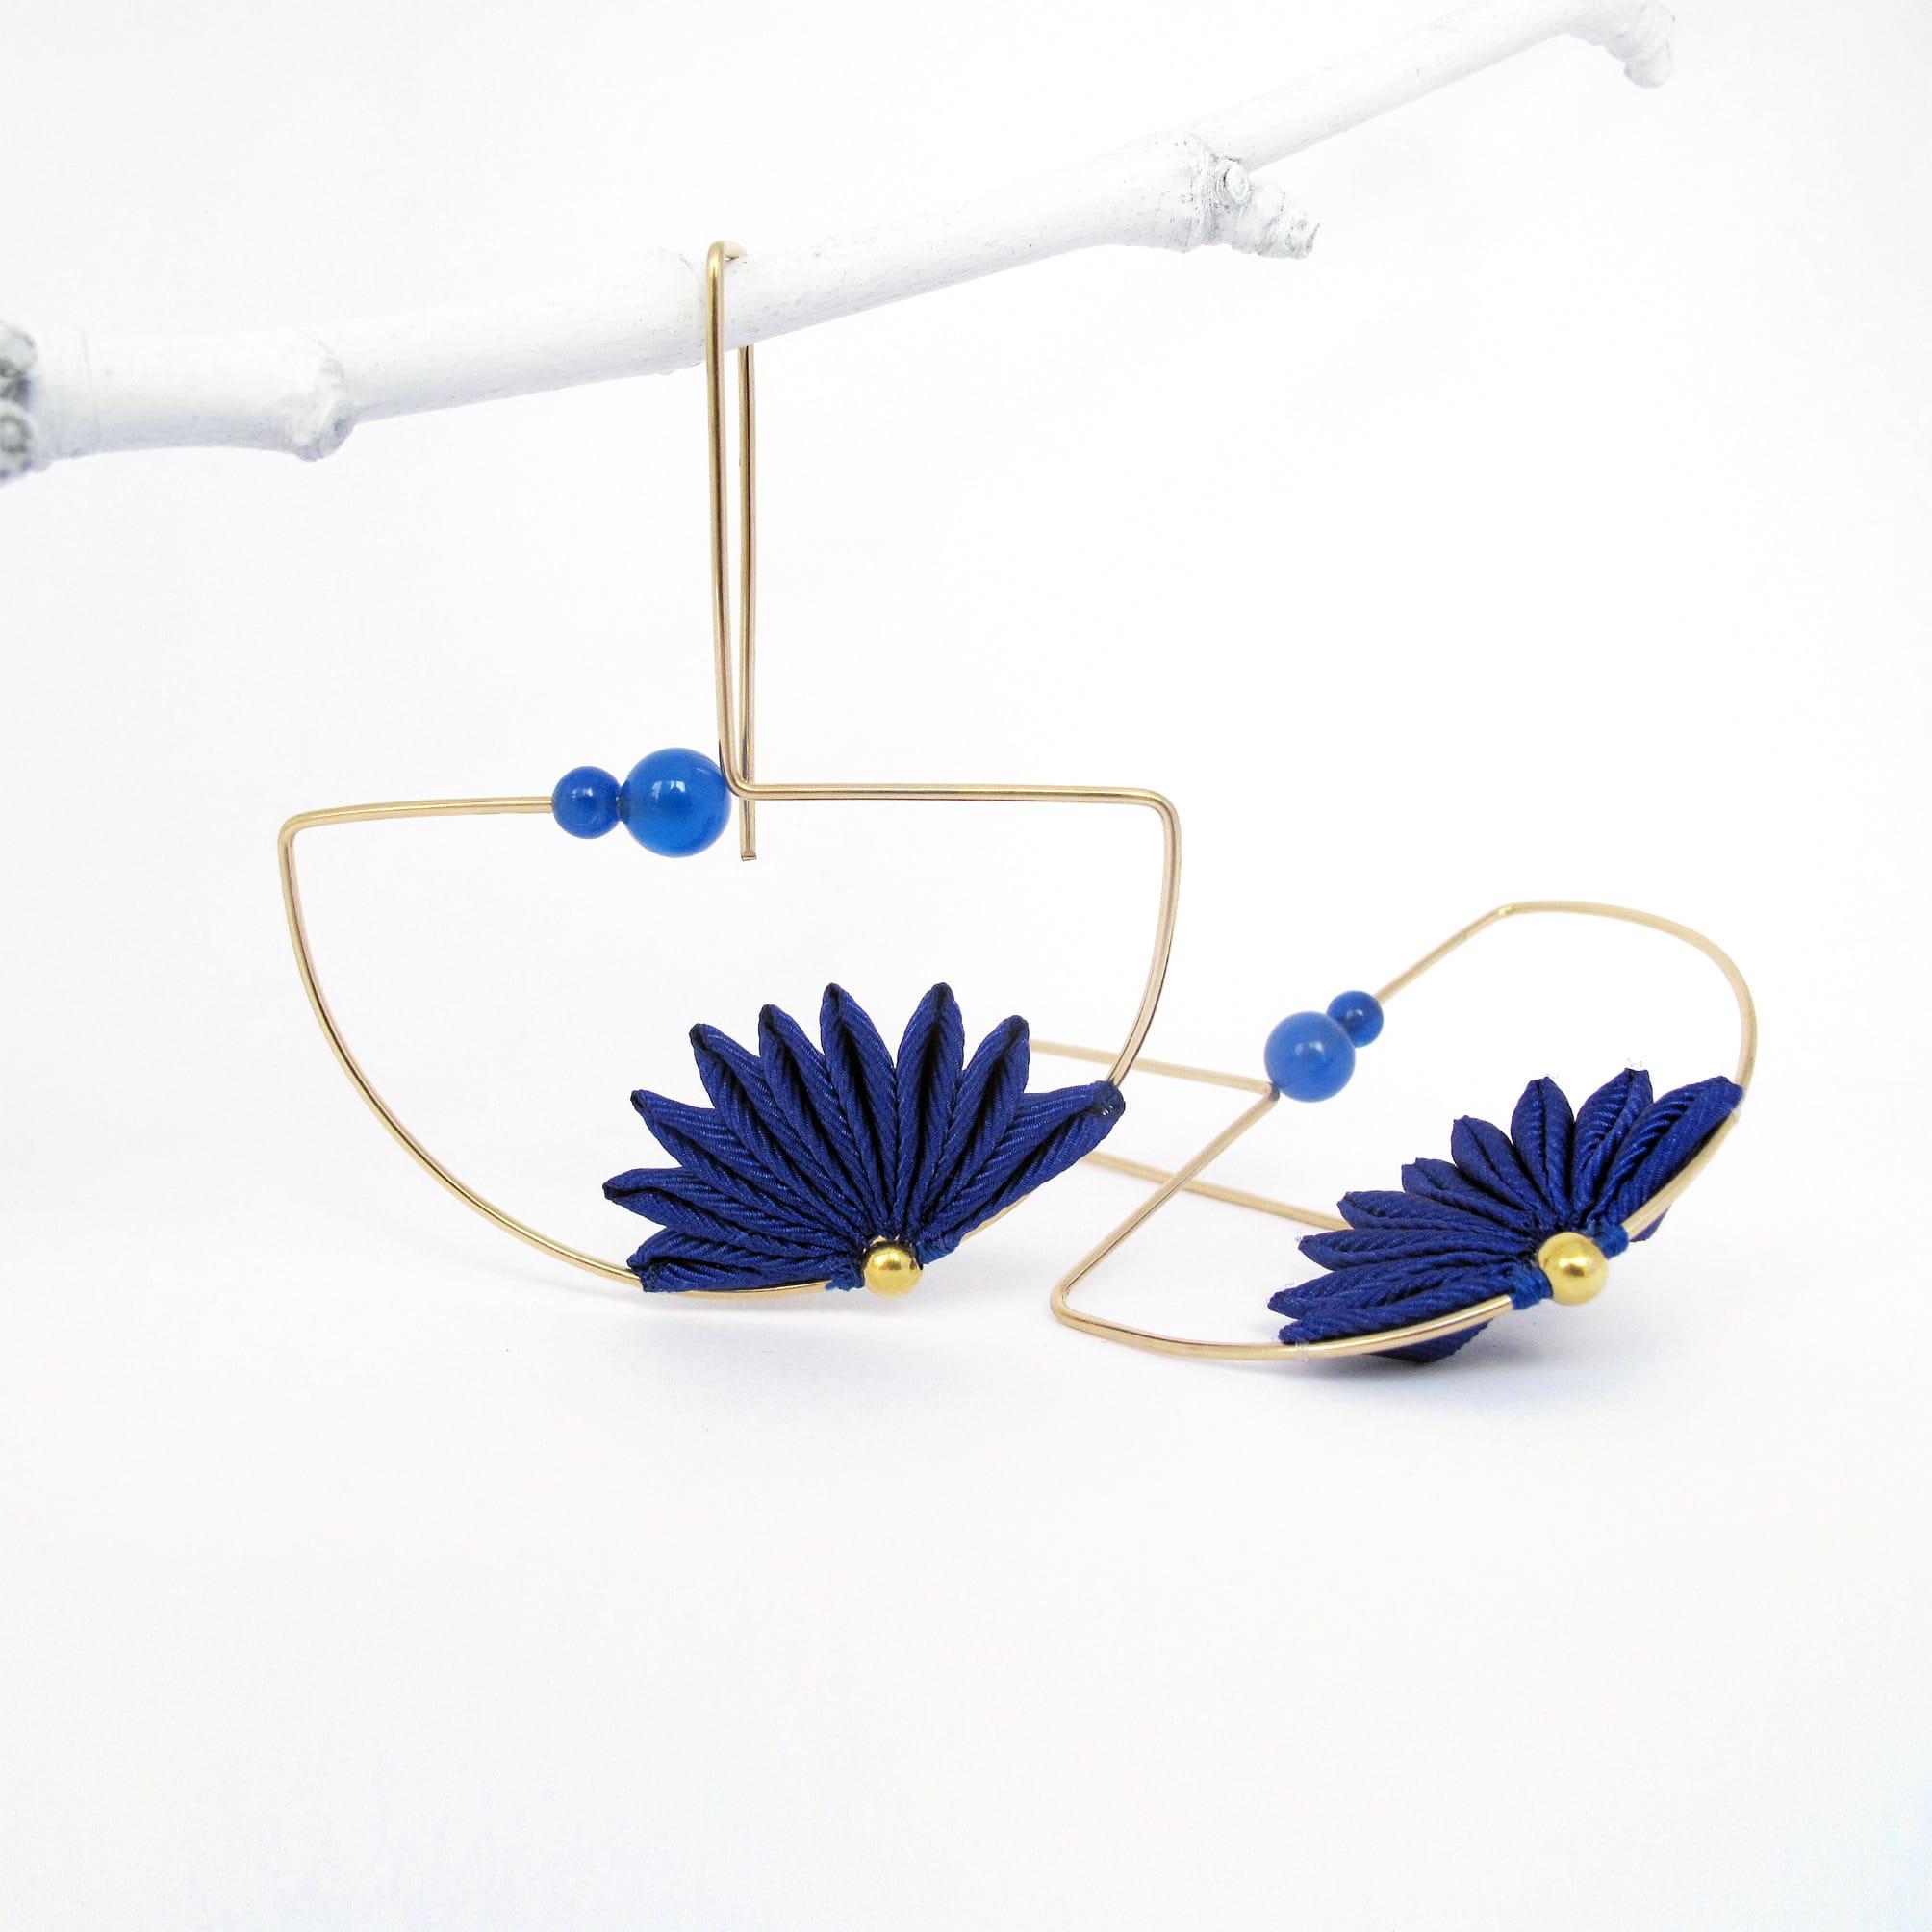 orecchini-geometrici-fatti-a-mano-rossi-blu-cobalto-oro